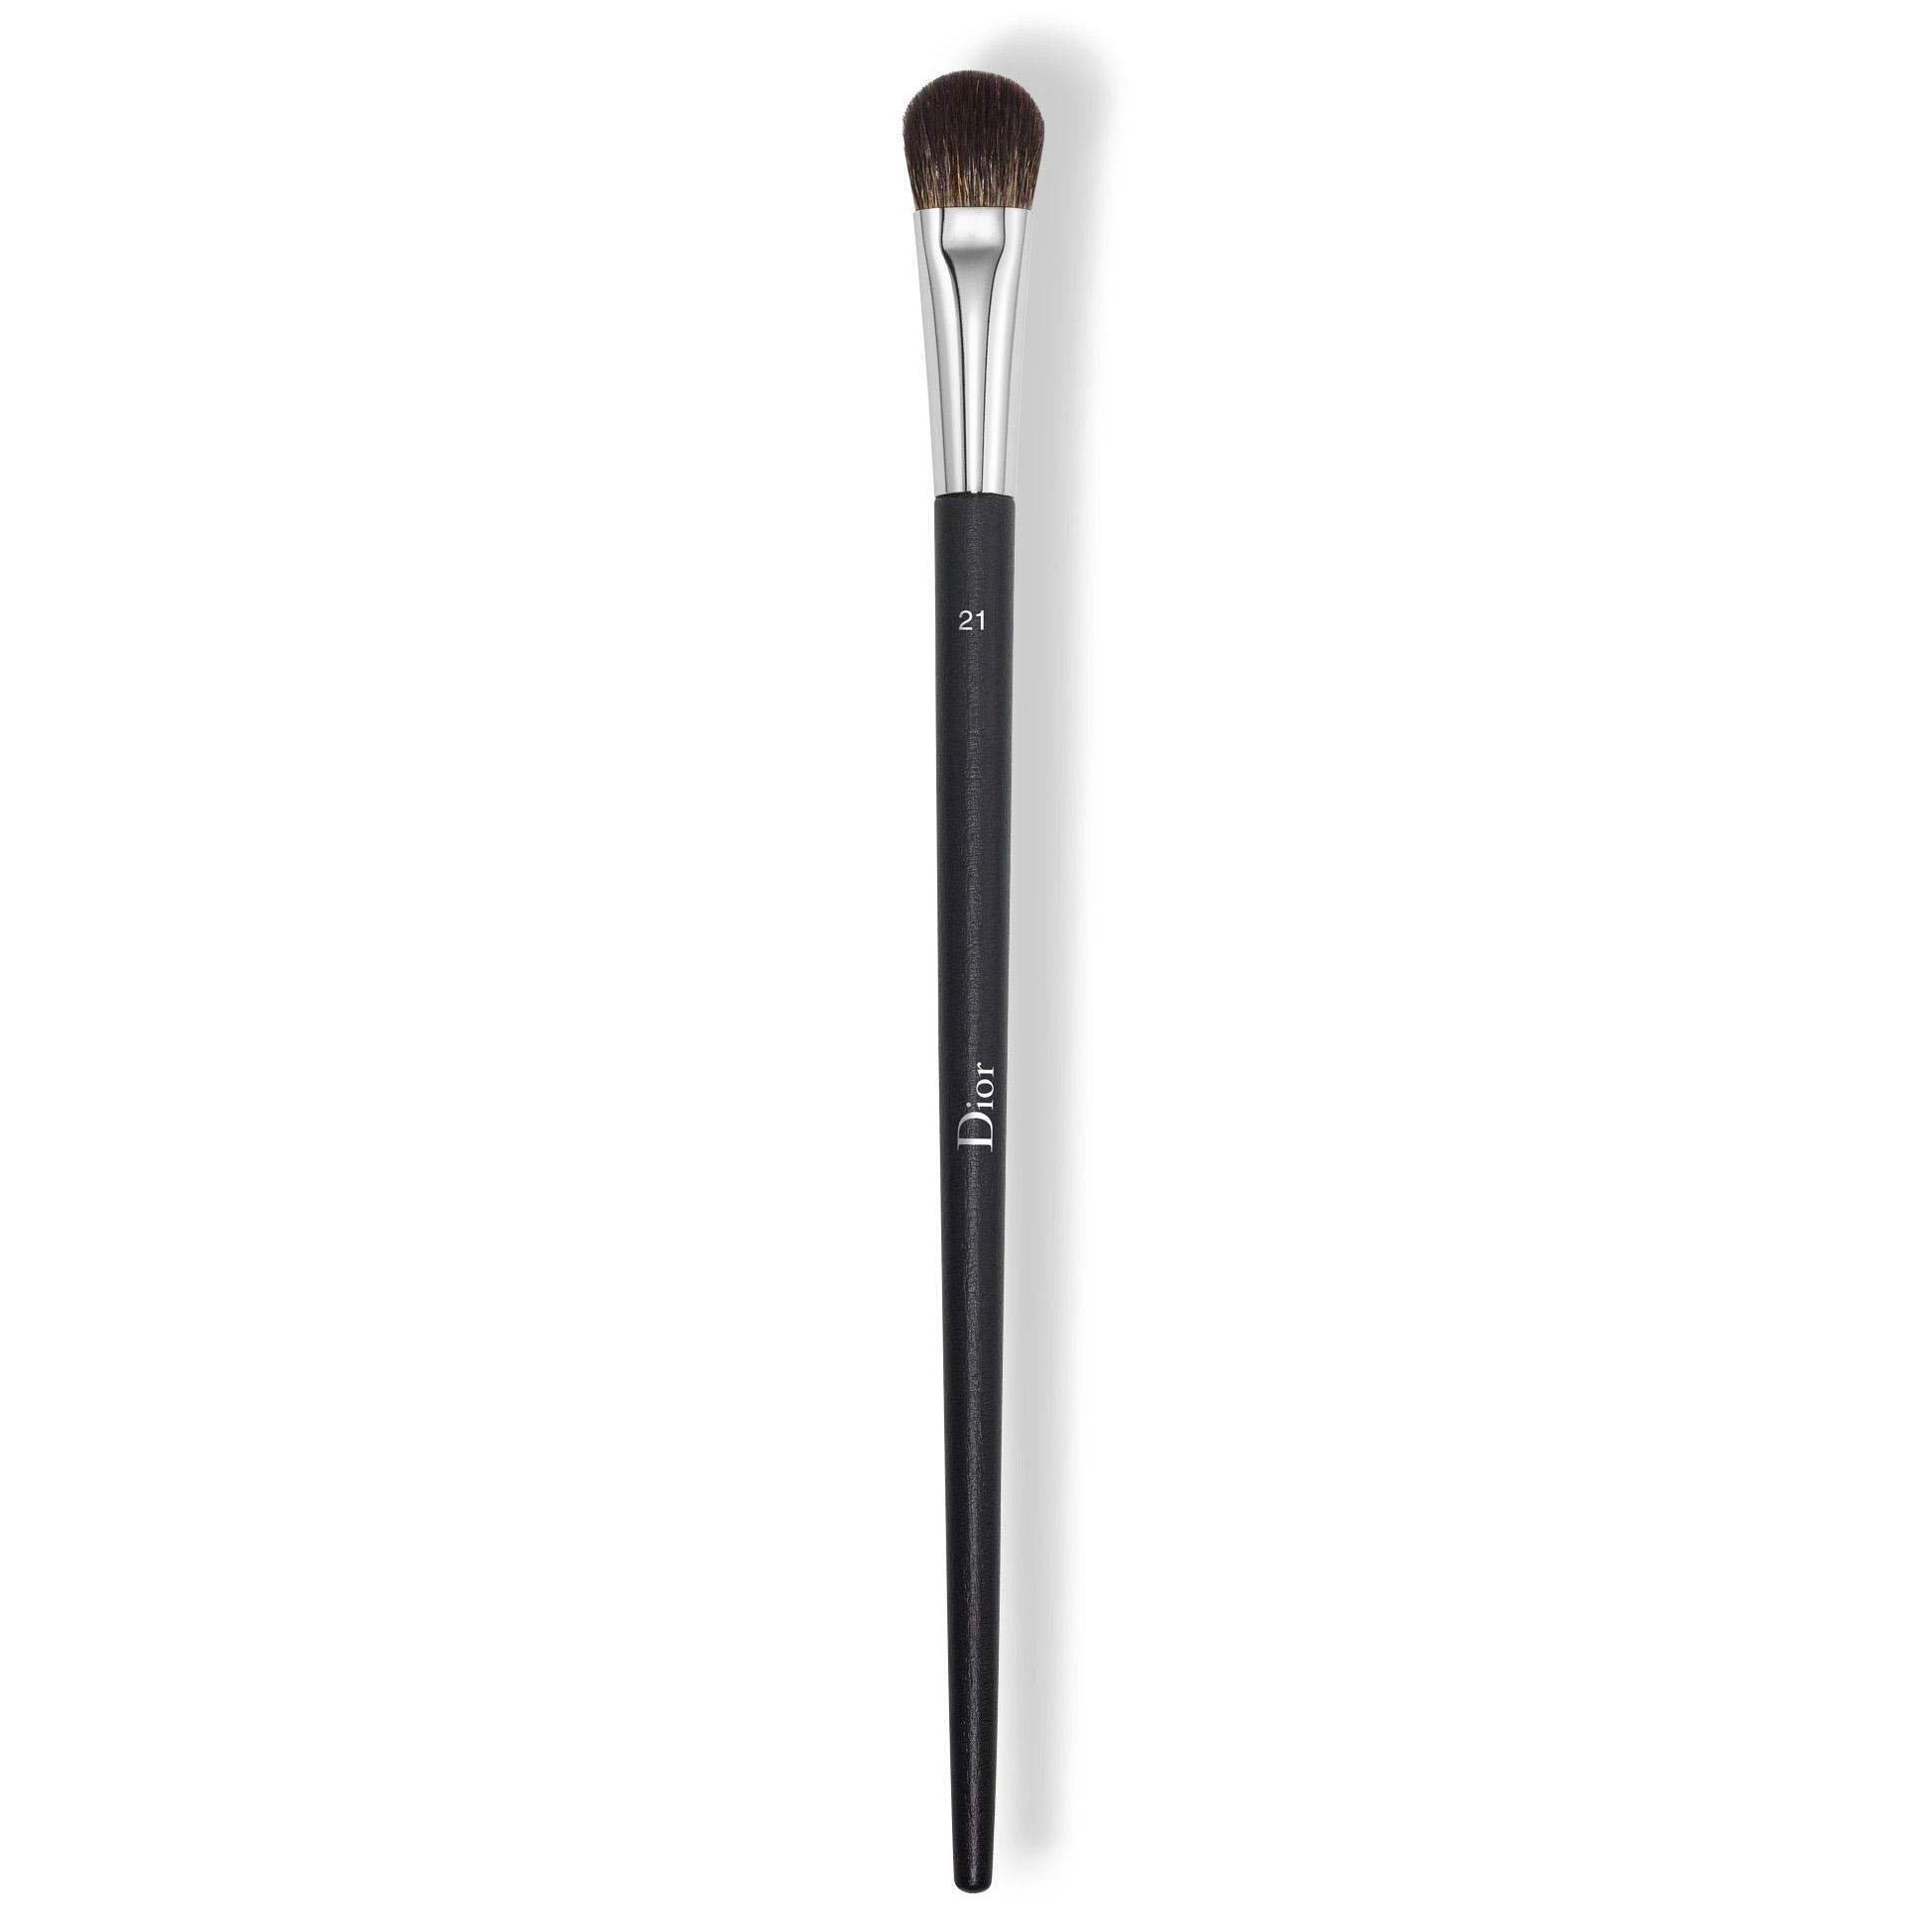 Dior Medium Eyeshadow Brush 21